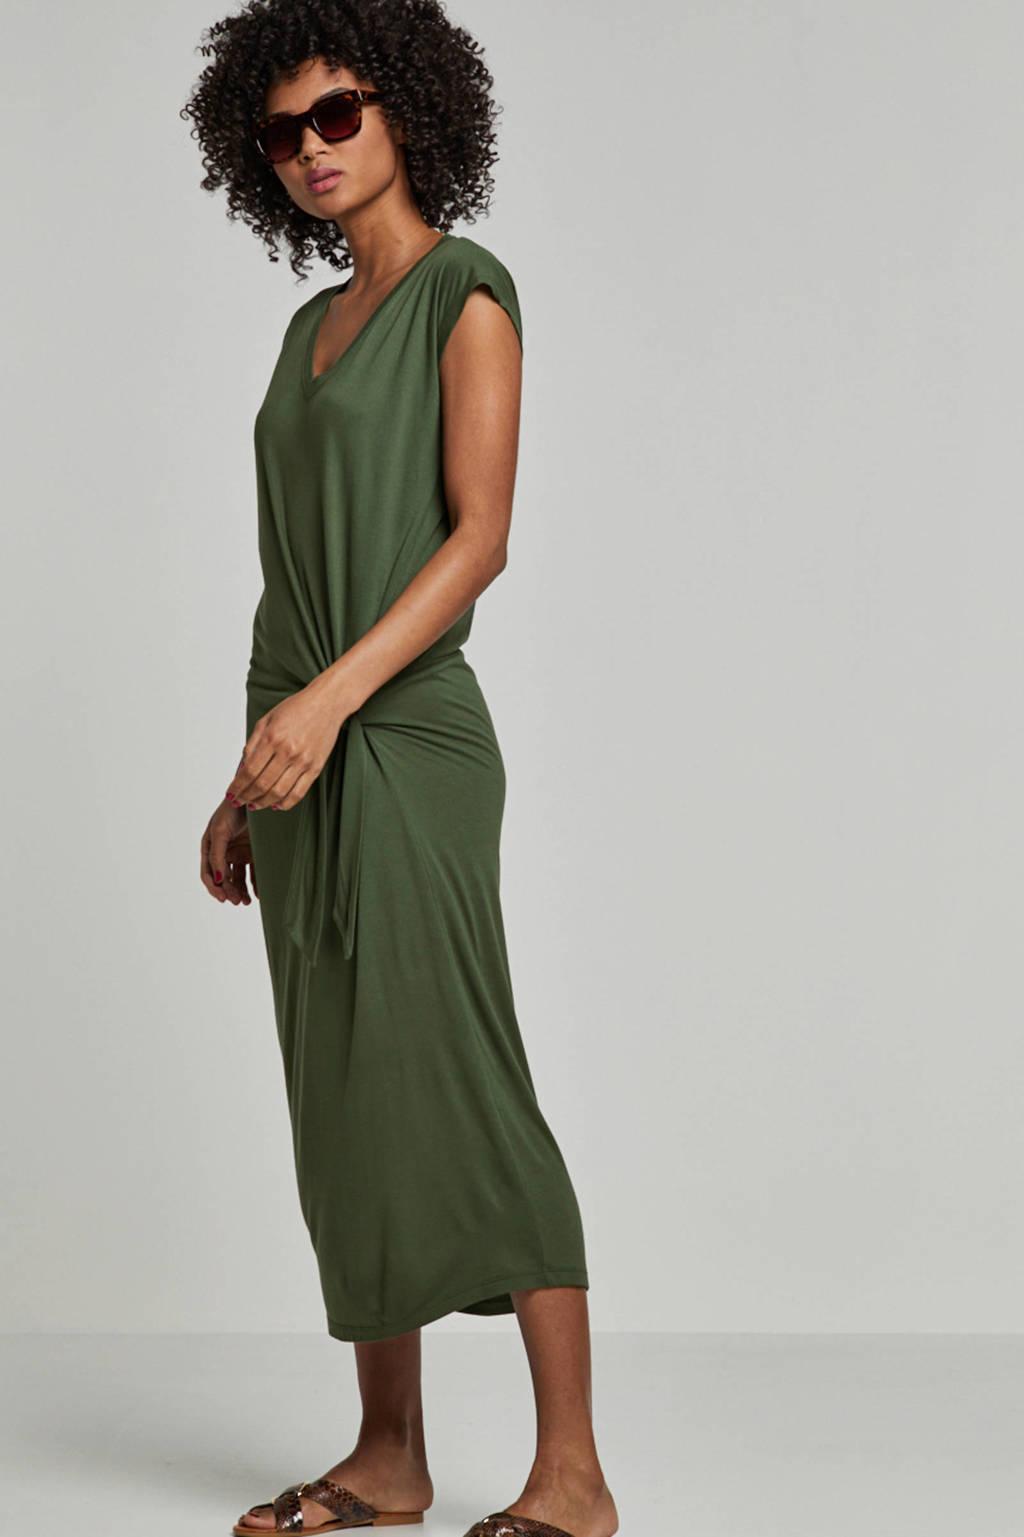 f2982b9d3b9b48 whkmp s beachwave viscose jurk met knoop detail